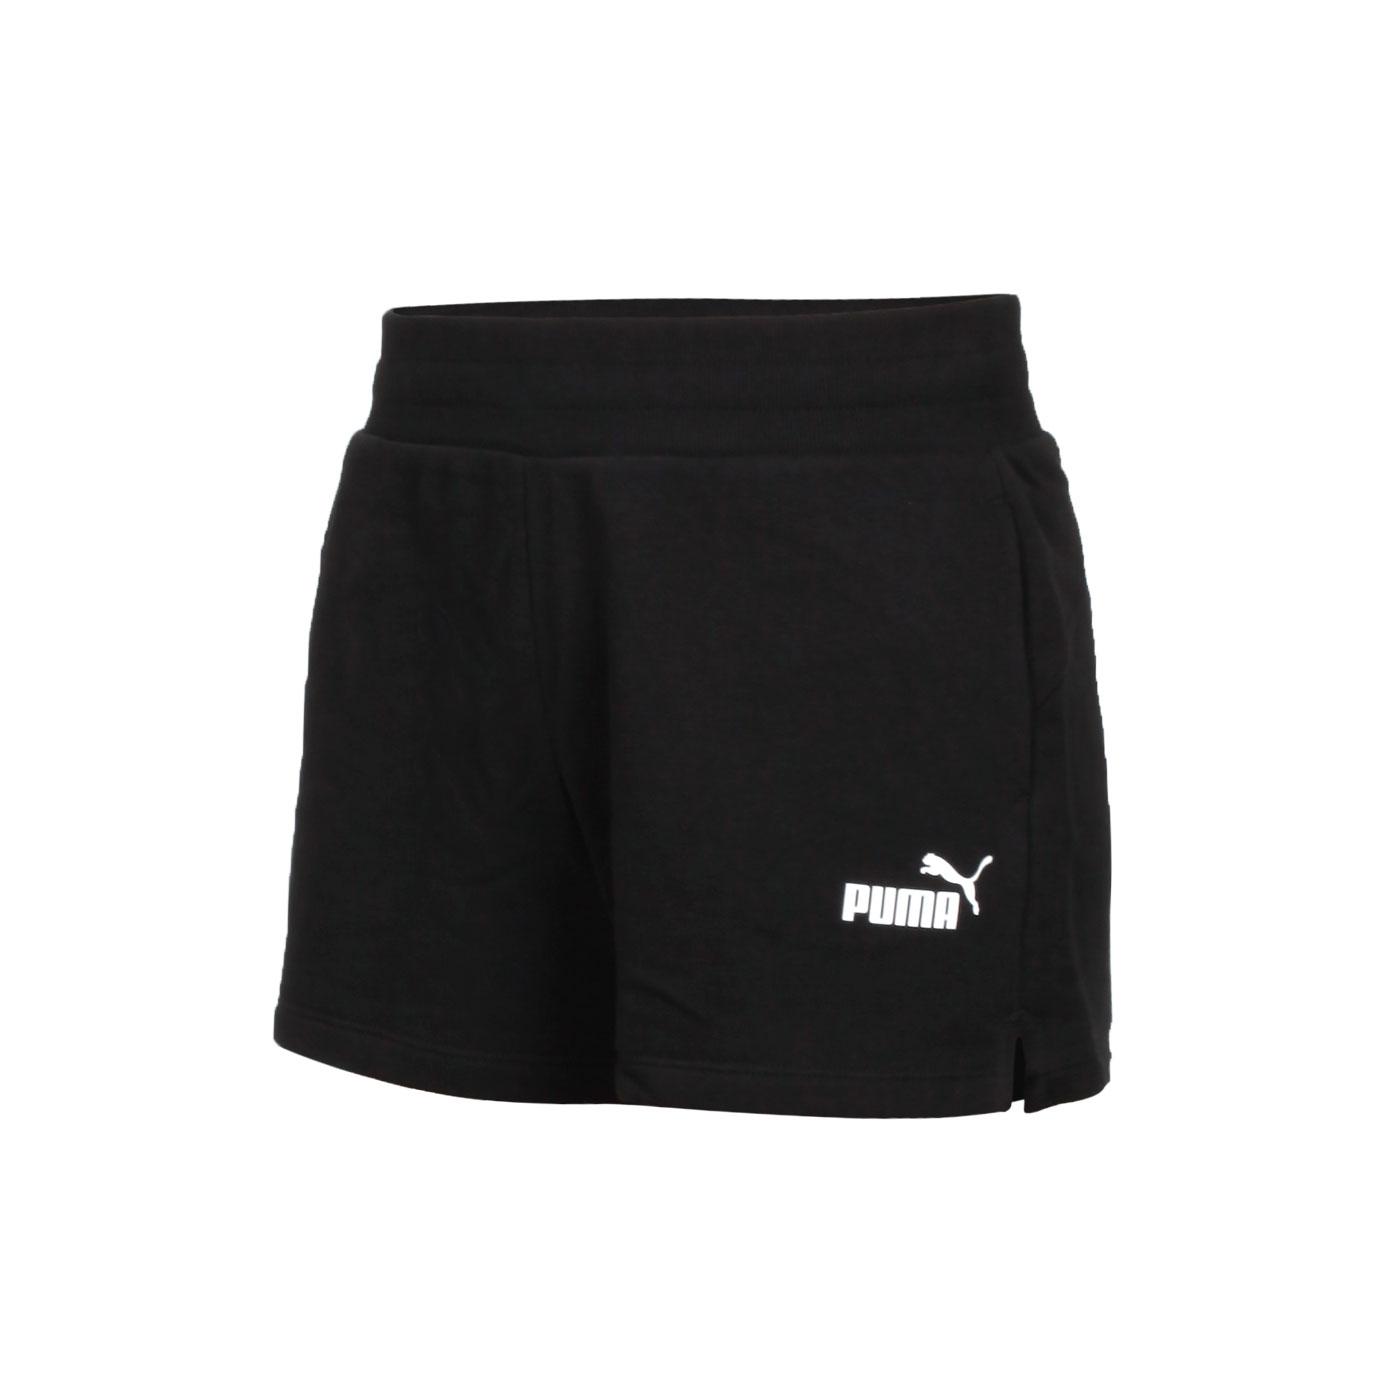 PUMA 基本系列Ess女款4吋短褲 58682401 - 黑白